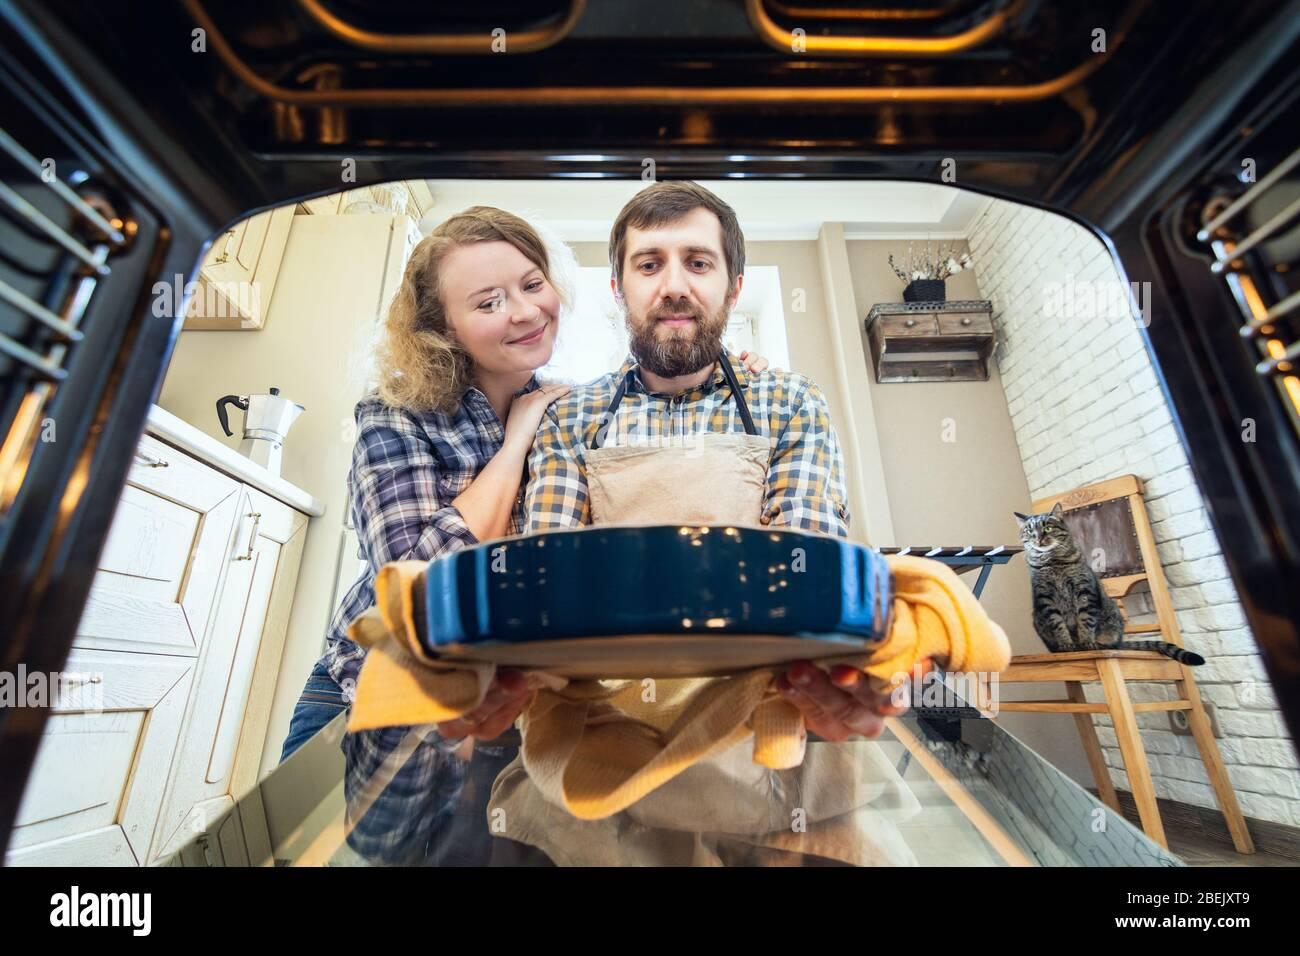 Una pareja sonriente de Europa del este cocinando en casa. Hombre sacando una tarta del horno con cocina interior y un gato en el fondo, vista desde dentro Foto de stock